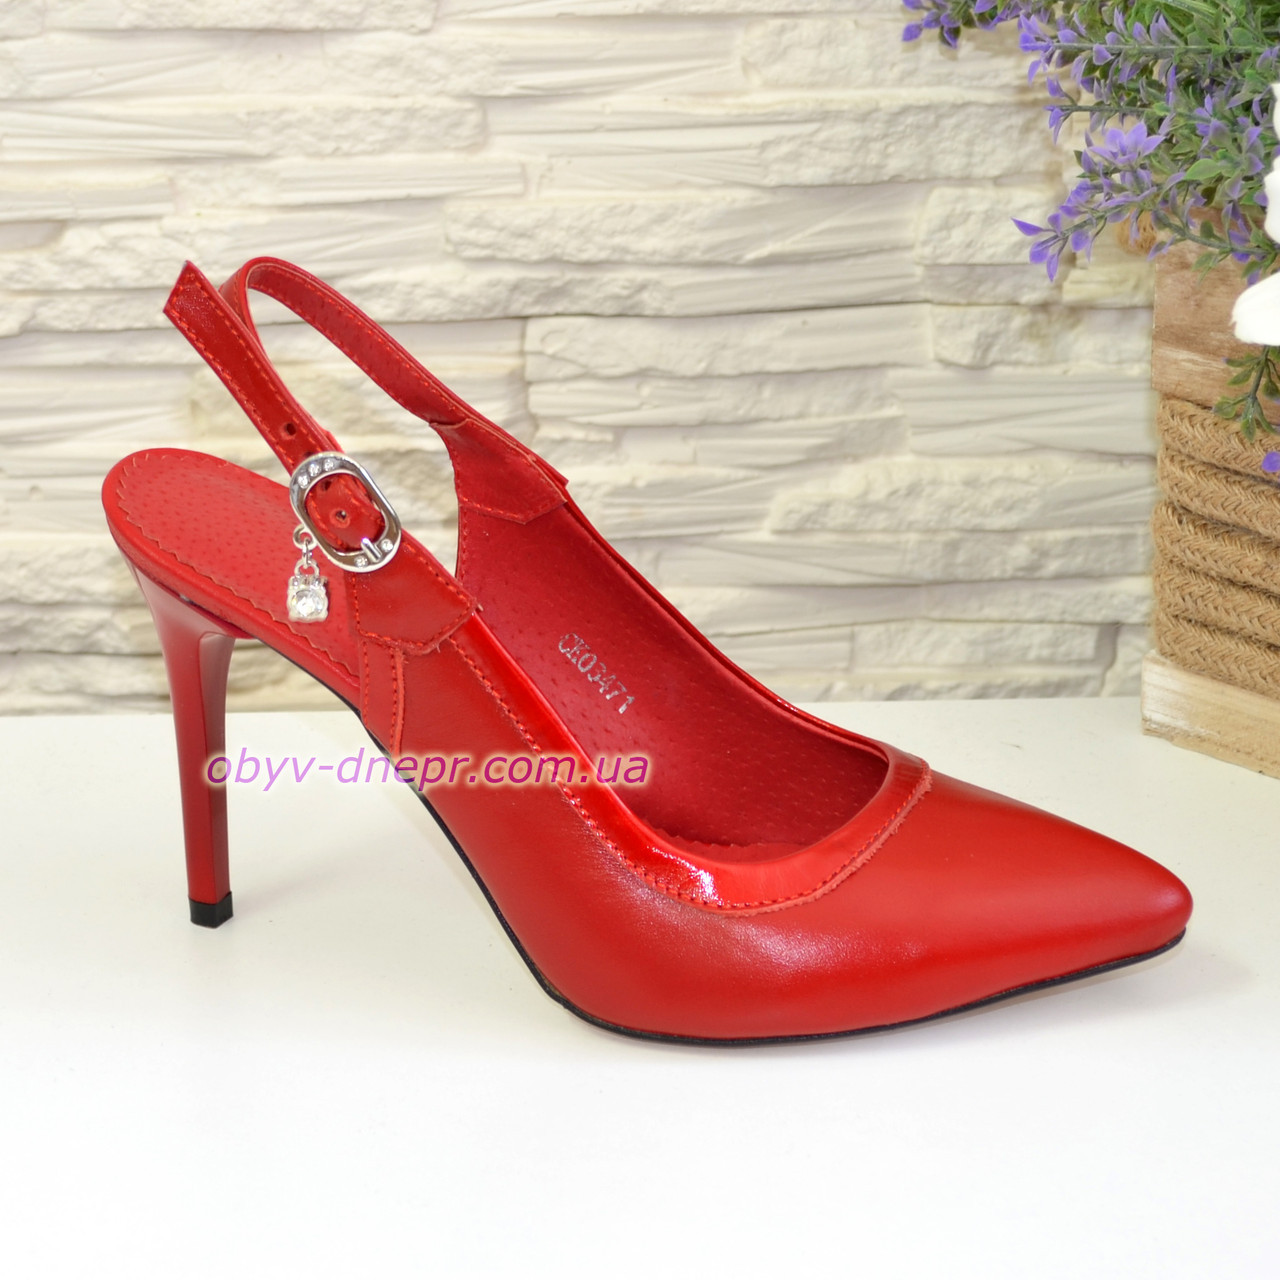 Стильные кожаные туфли женские на шпильке, цвет красный